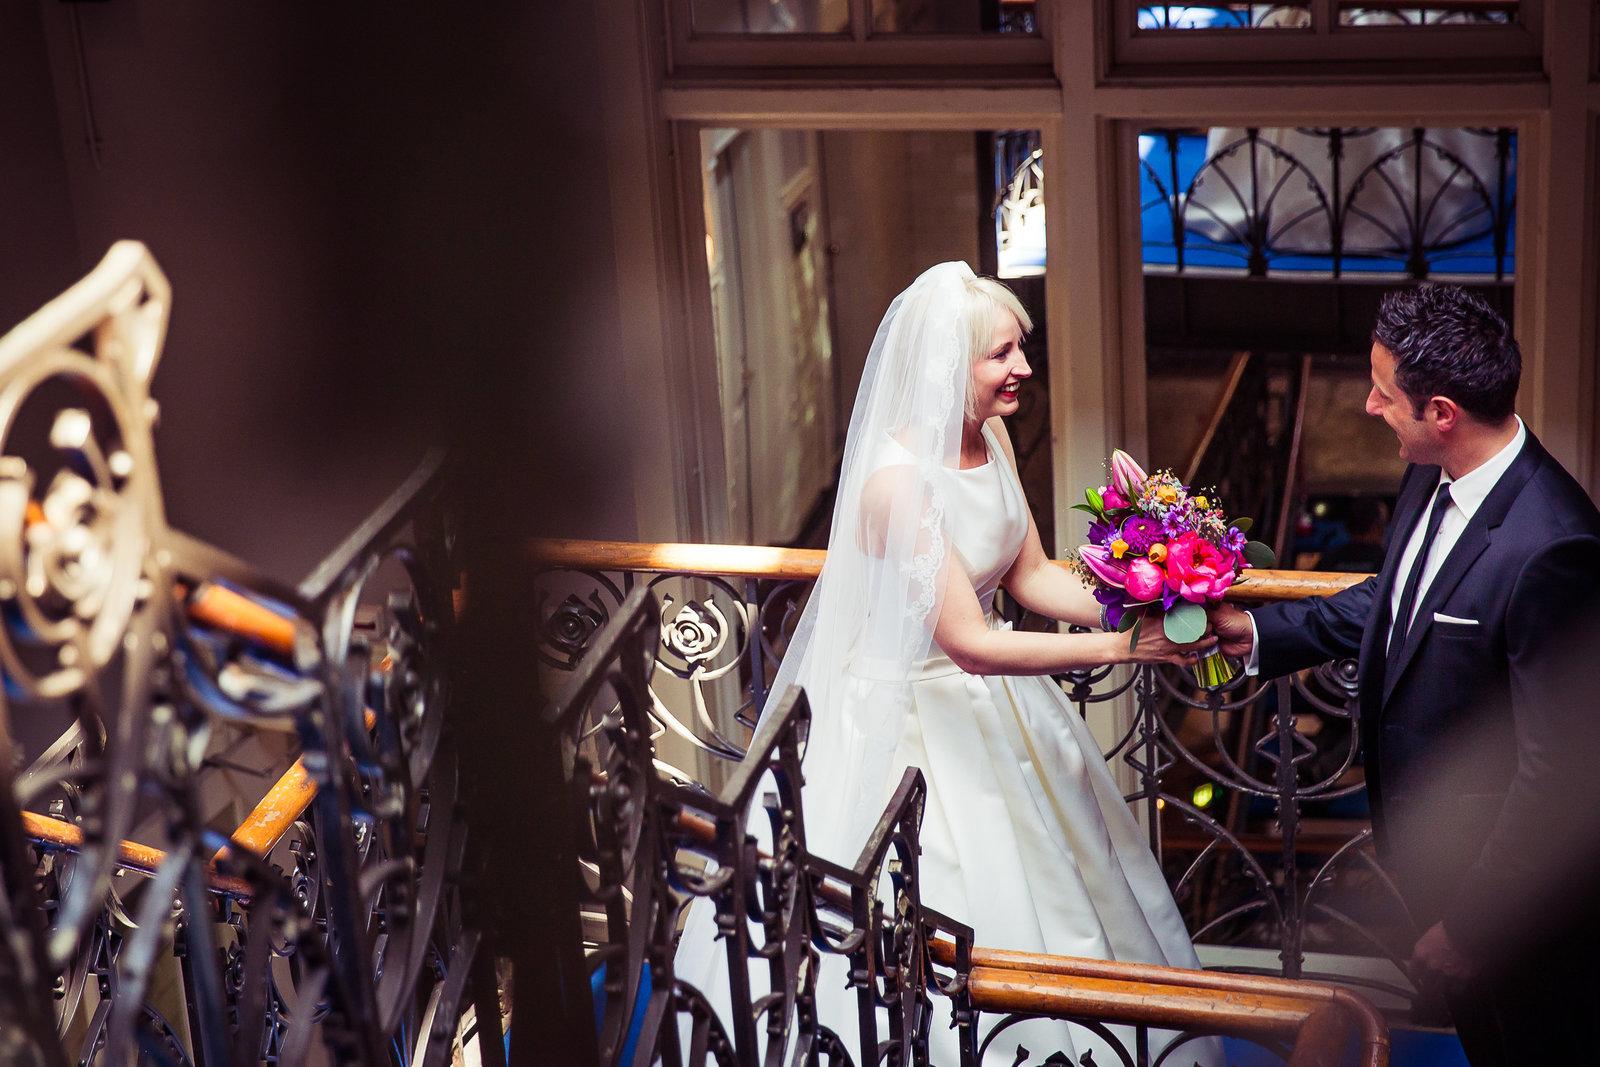 Bruid en bruidegom ontmoeten elkaar op de trappen van hotel New York in Rotterdam. Bruidegom geeft het trouwboeket aan zijn bruid. Copyright Nanda Zee-Fritse | FOTOZEE